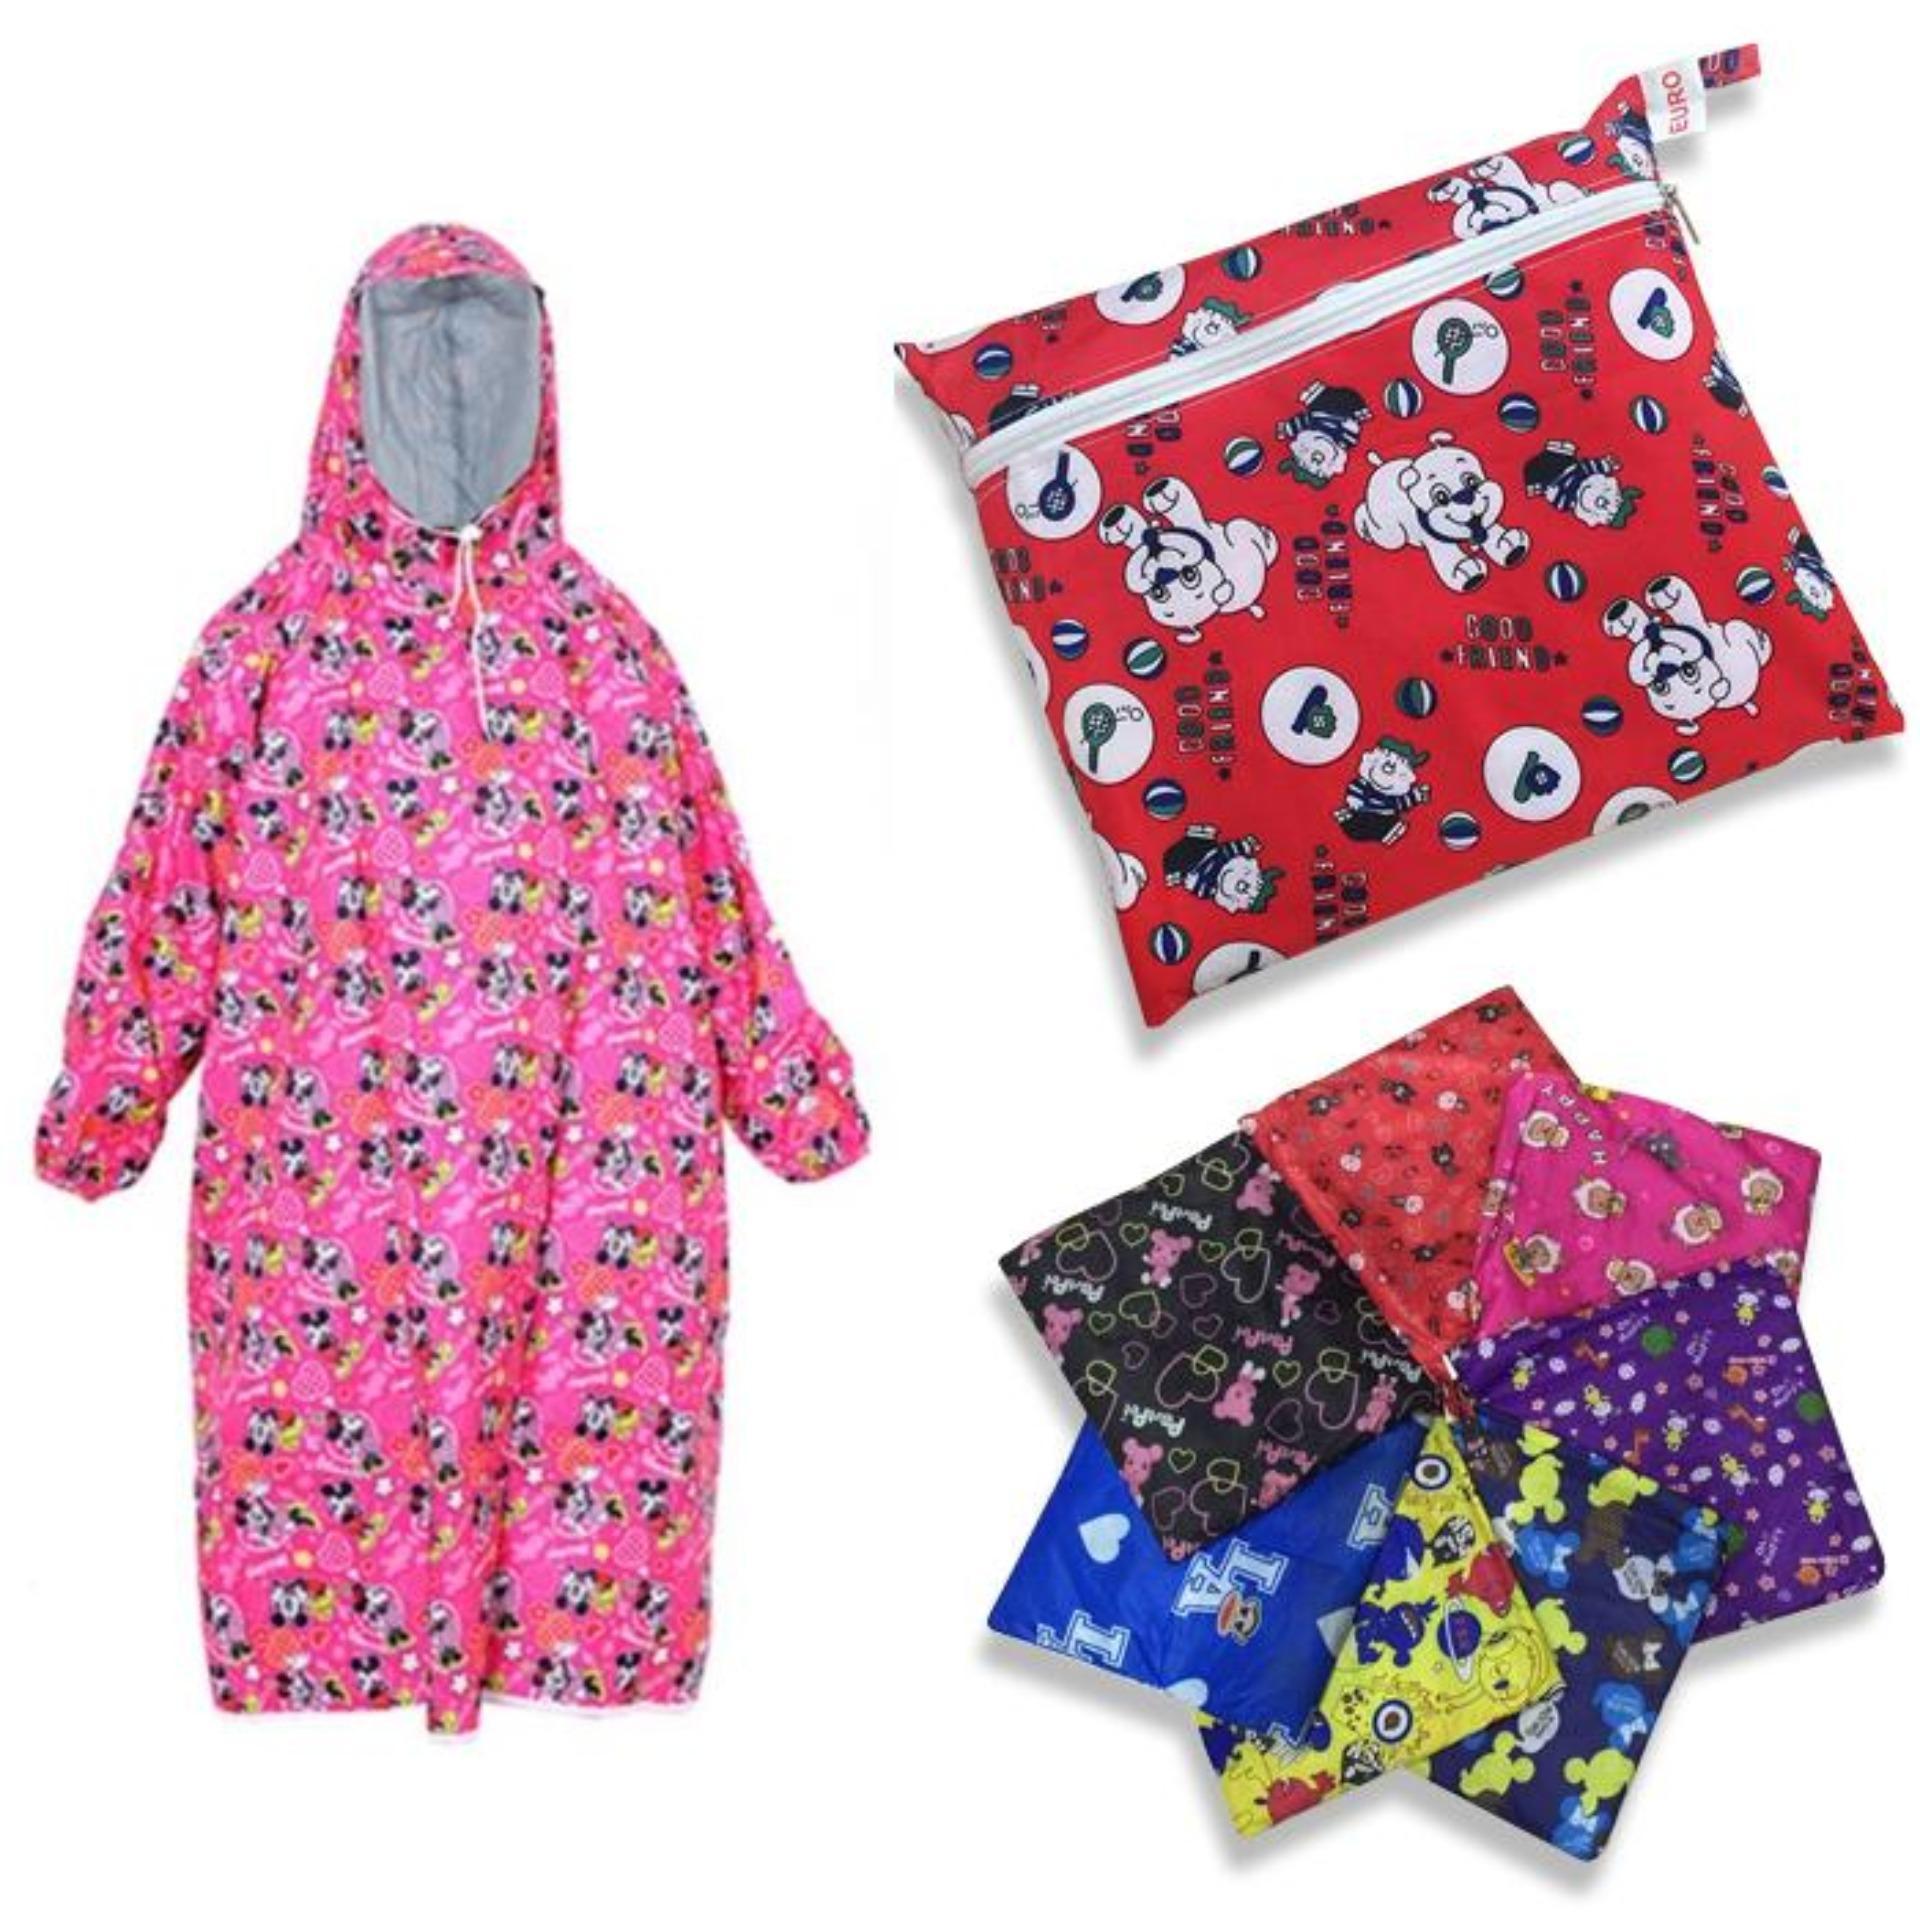 Hình ảnh Áo Mưa Trẻ Em Vải Dù Bít 2 Bên Hoa Văn Nhiều Màu, Nhiều Hình Size số 9 ( từ 6 đến 11 tuổi )